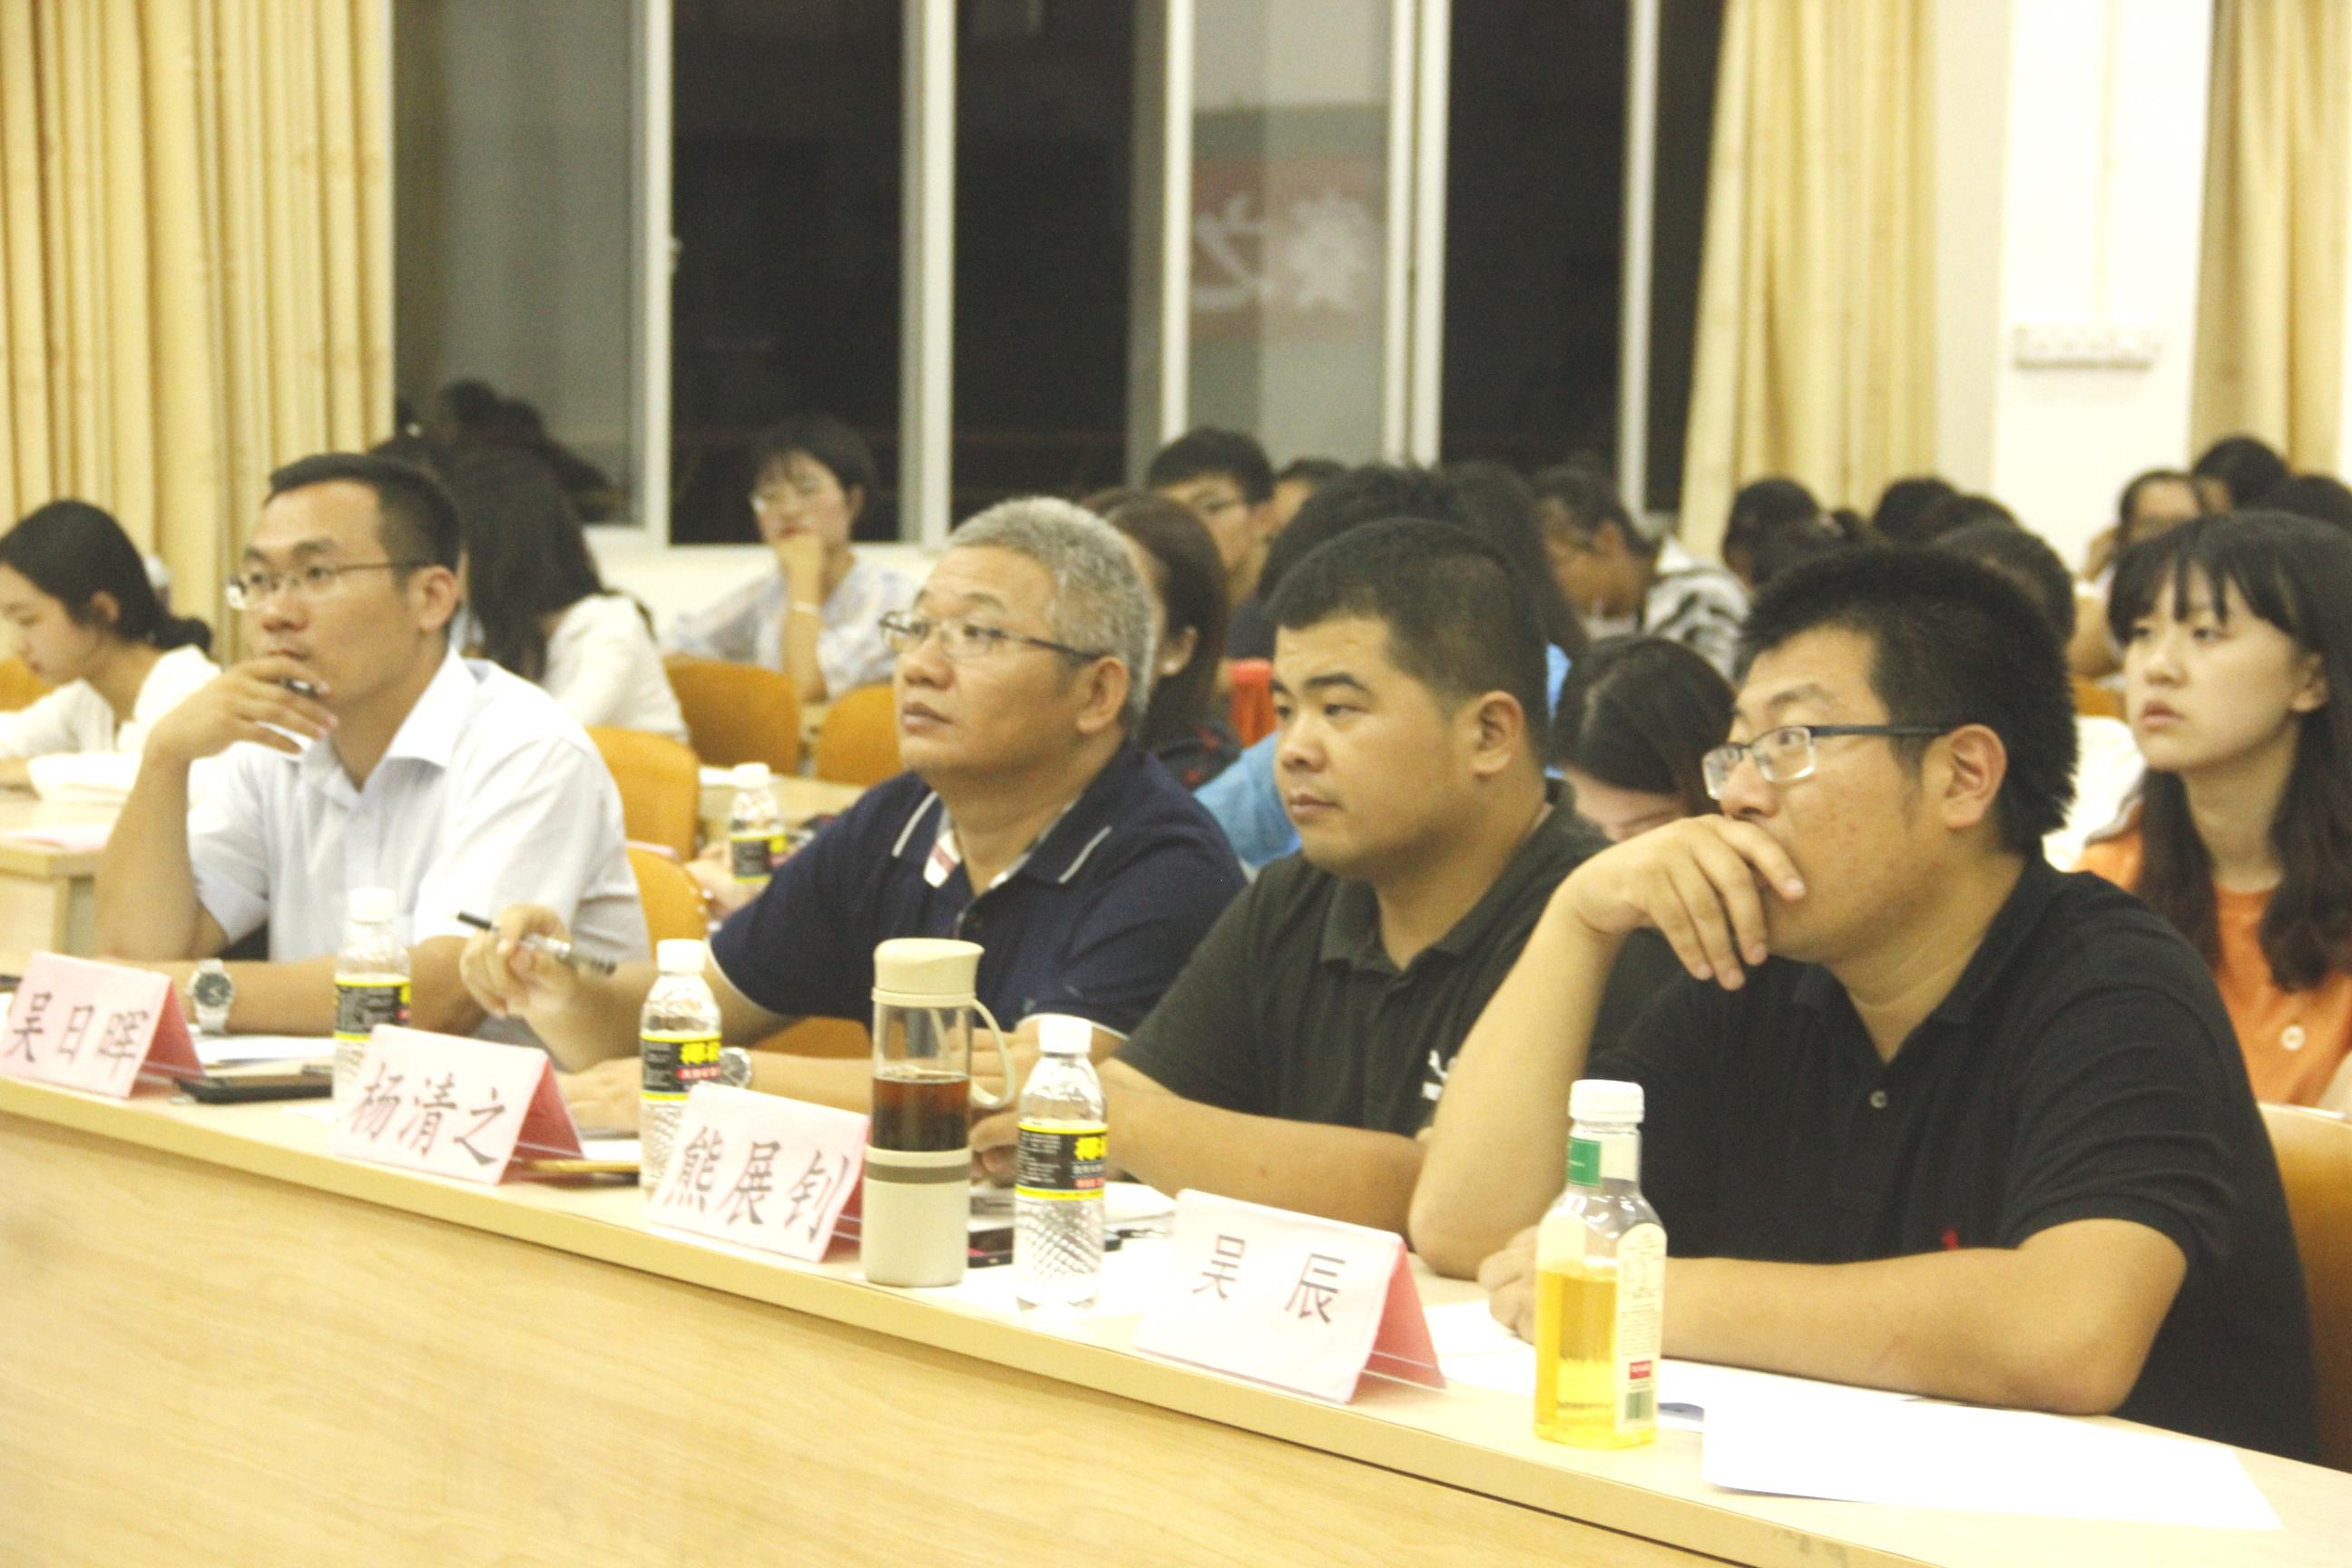 青年之声·记文学院第十二届教师技能大赛之板书比赛决赛